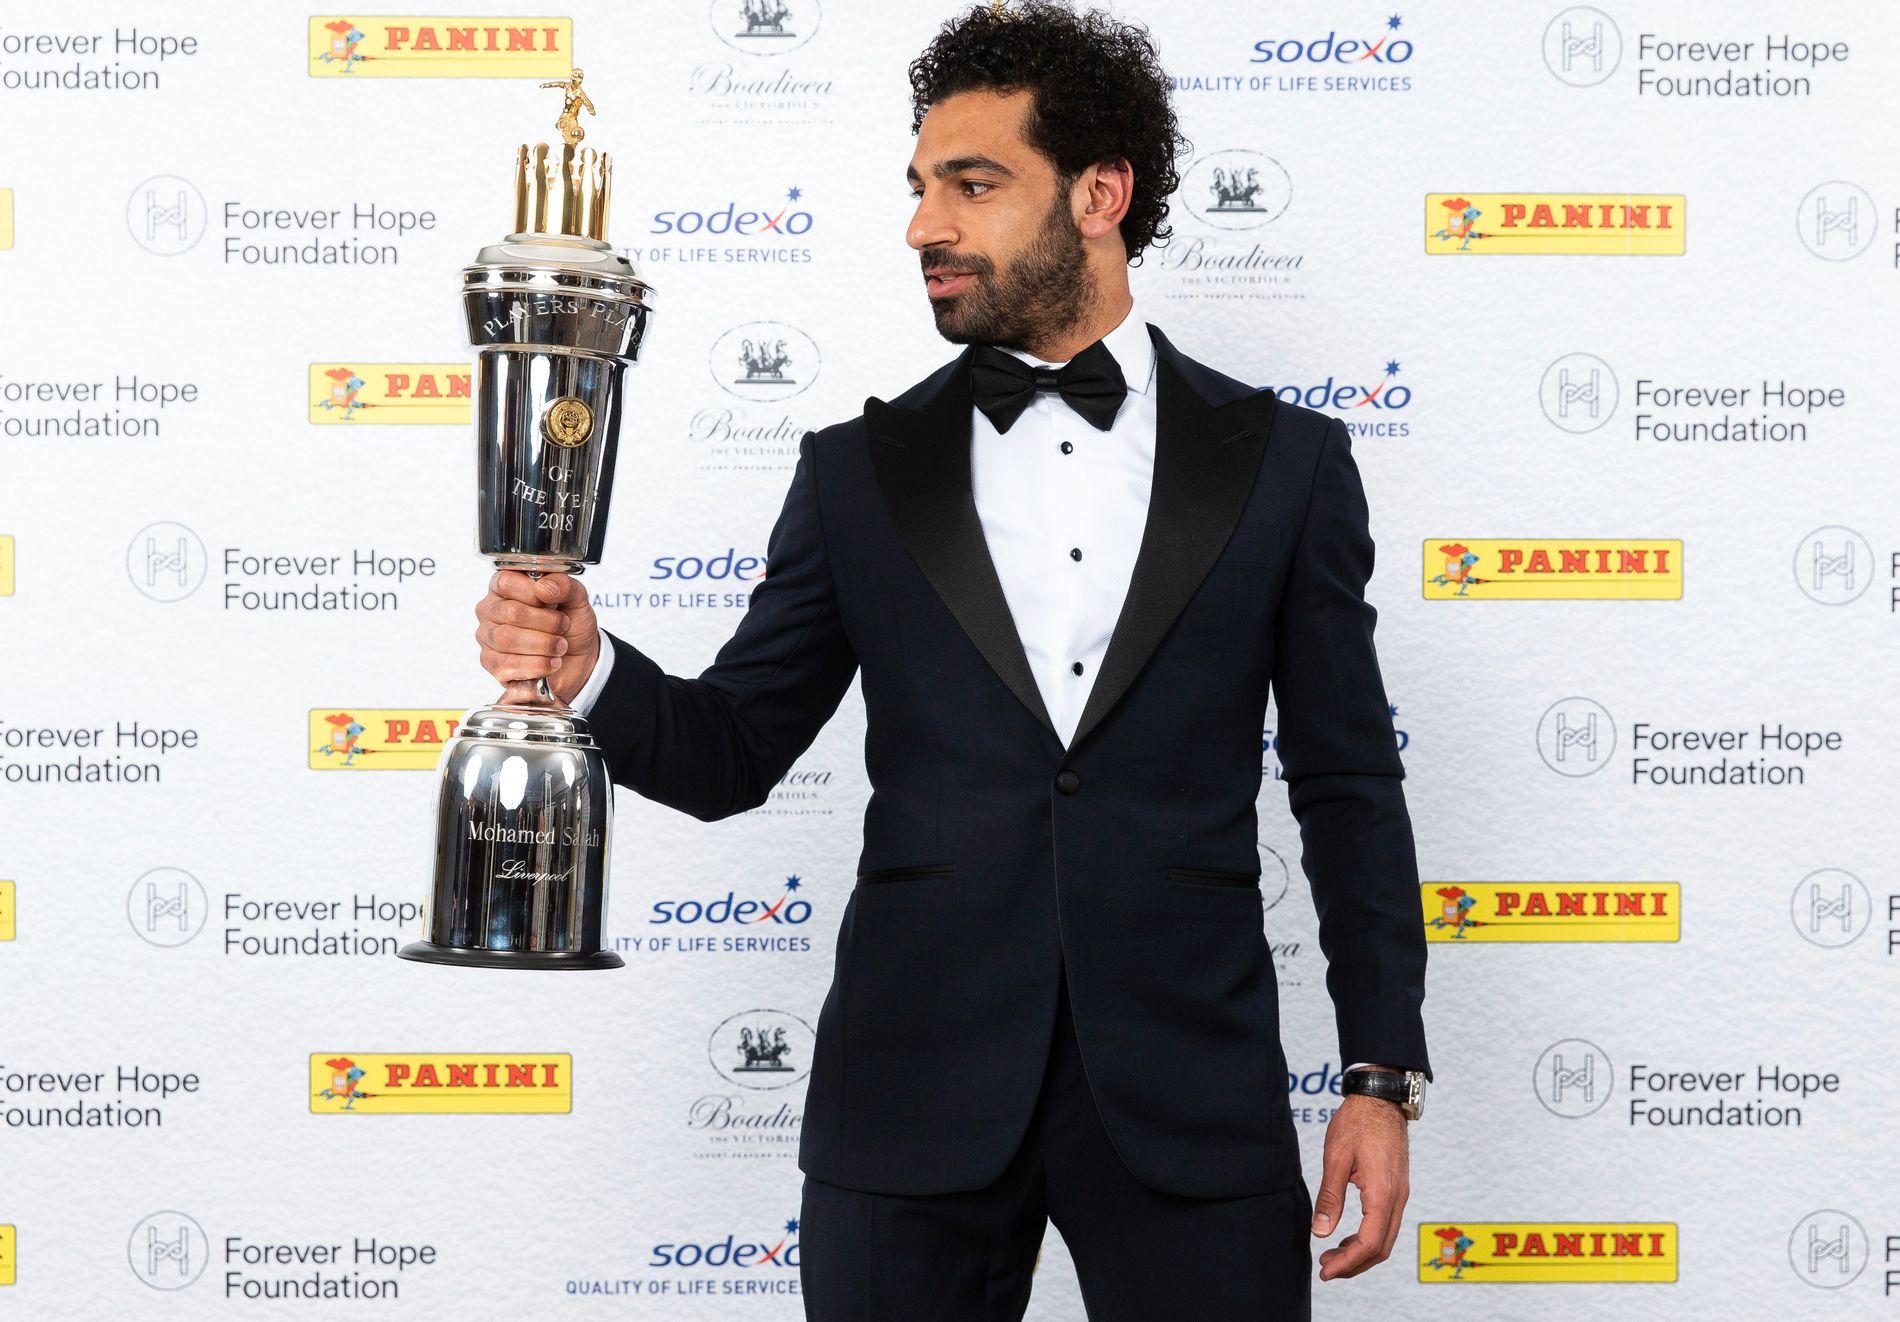 SPILLERNES VALG: Spillerne kåret Mohamed Salah til Sesongens spiller i Premier League.